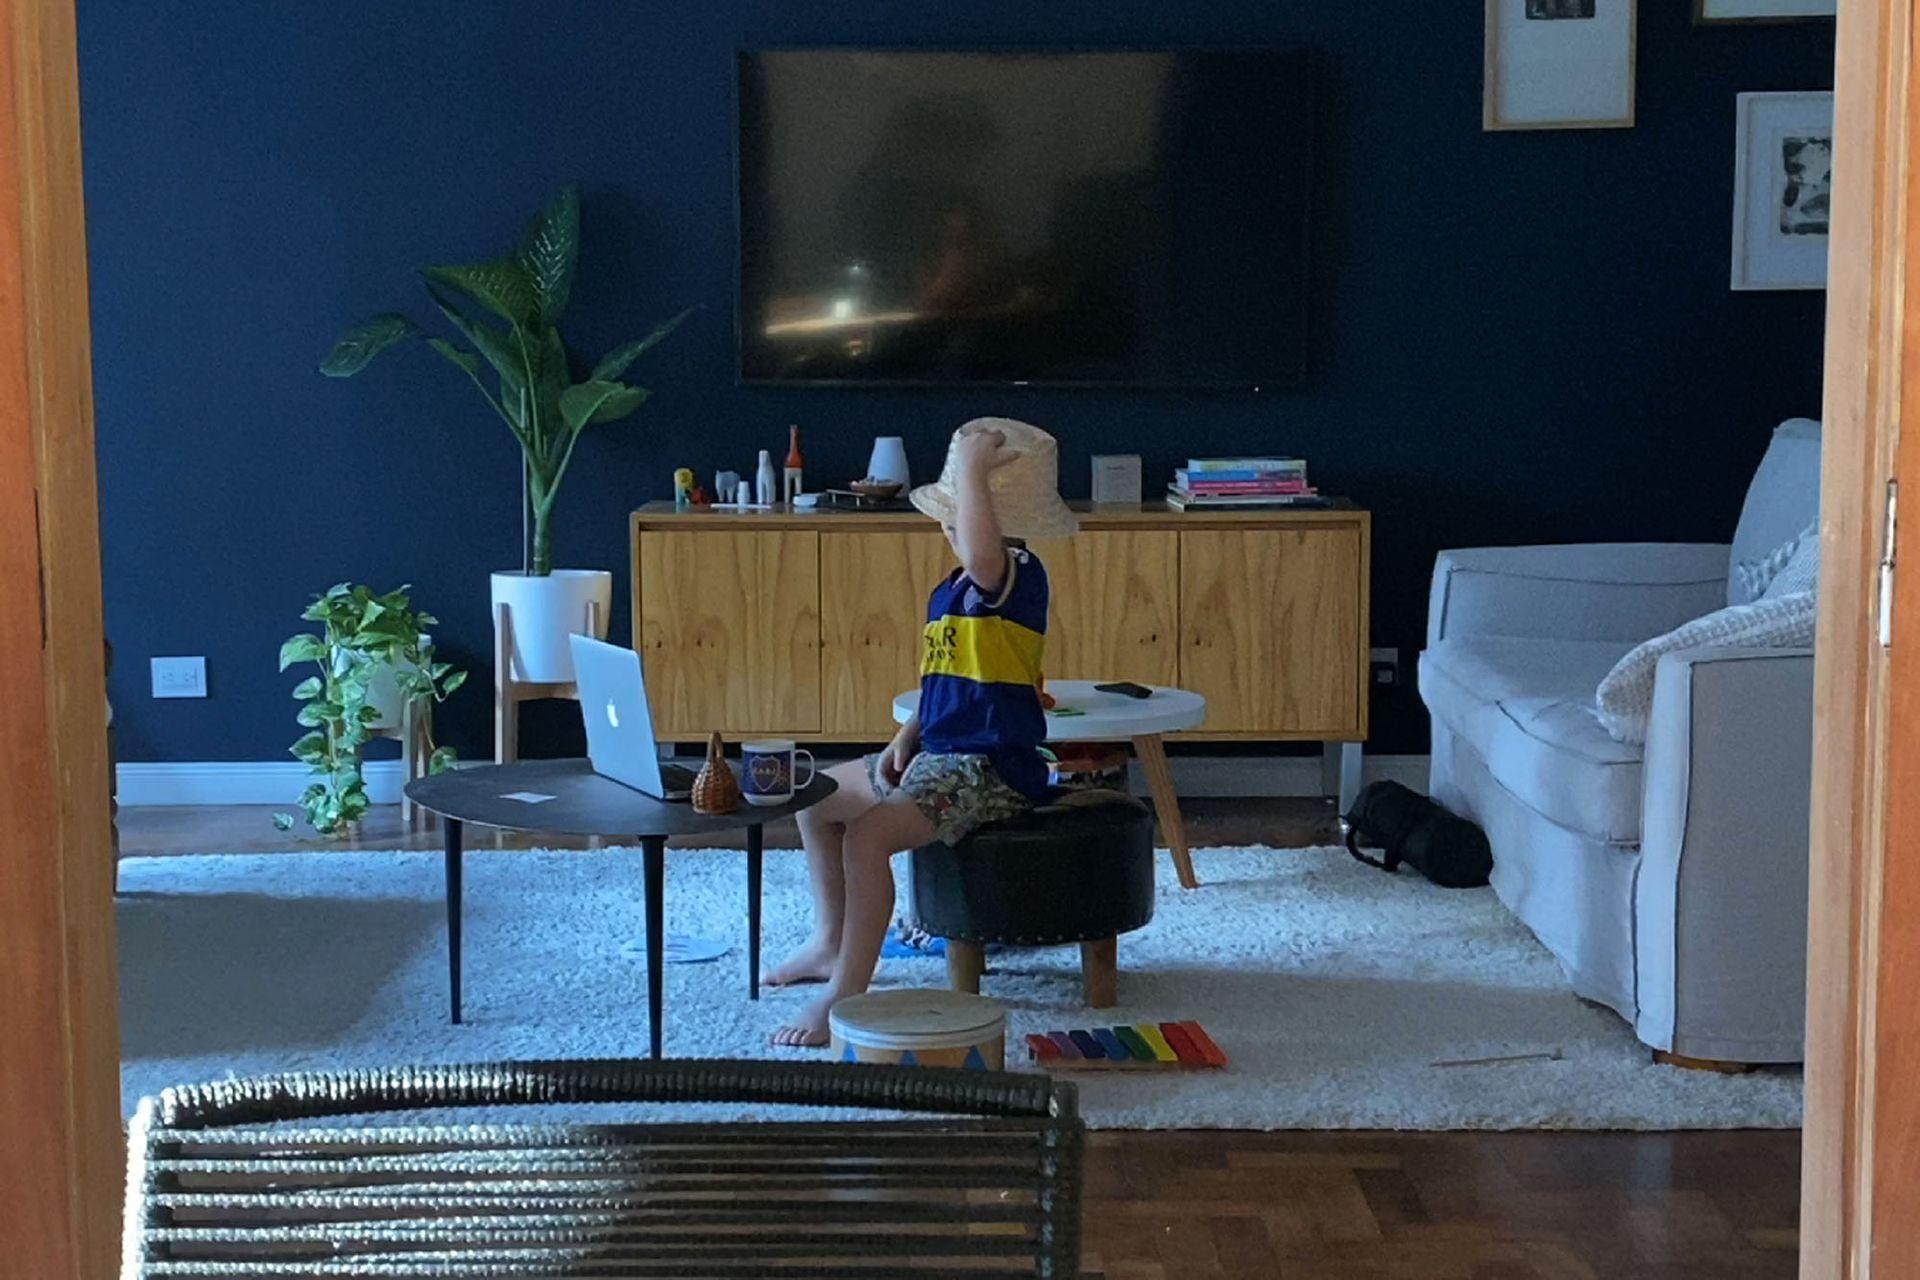 Una de las novedades para Iván es que ahora tiene una niñera por Zoom